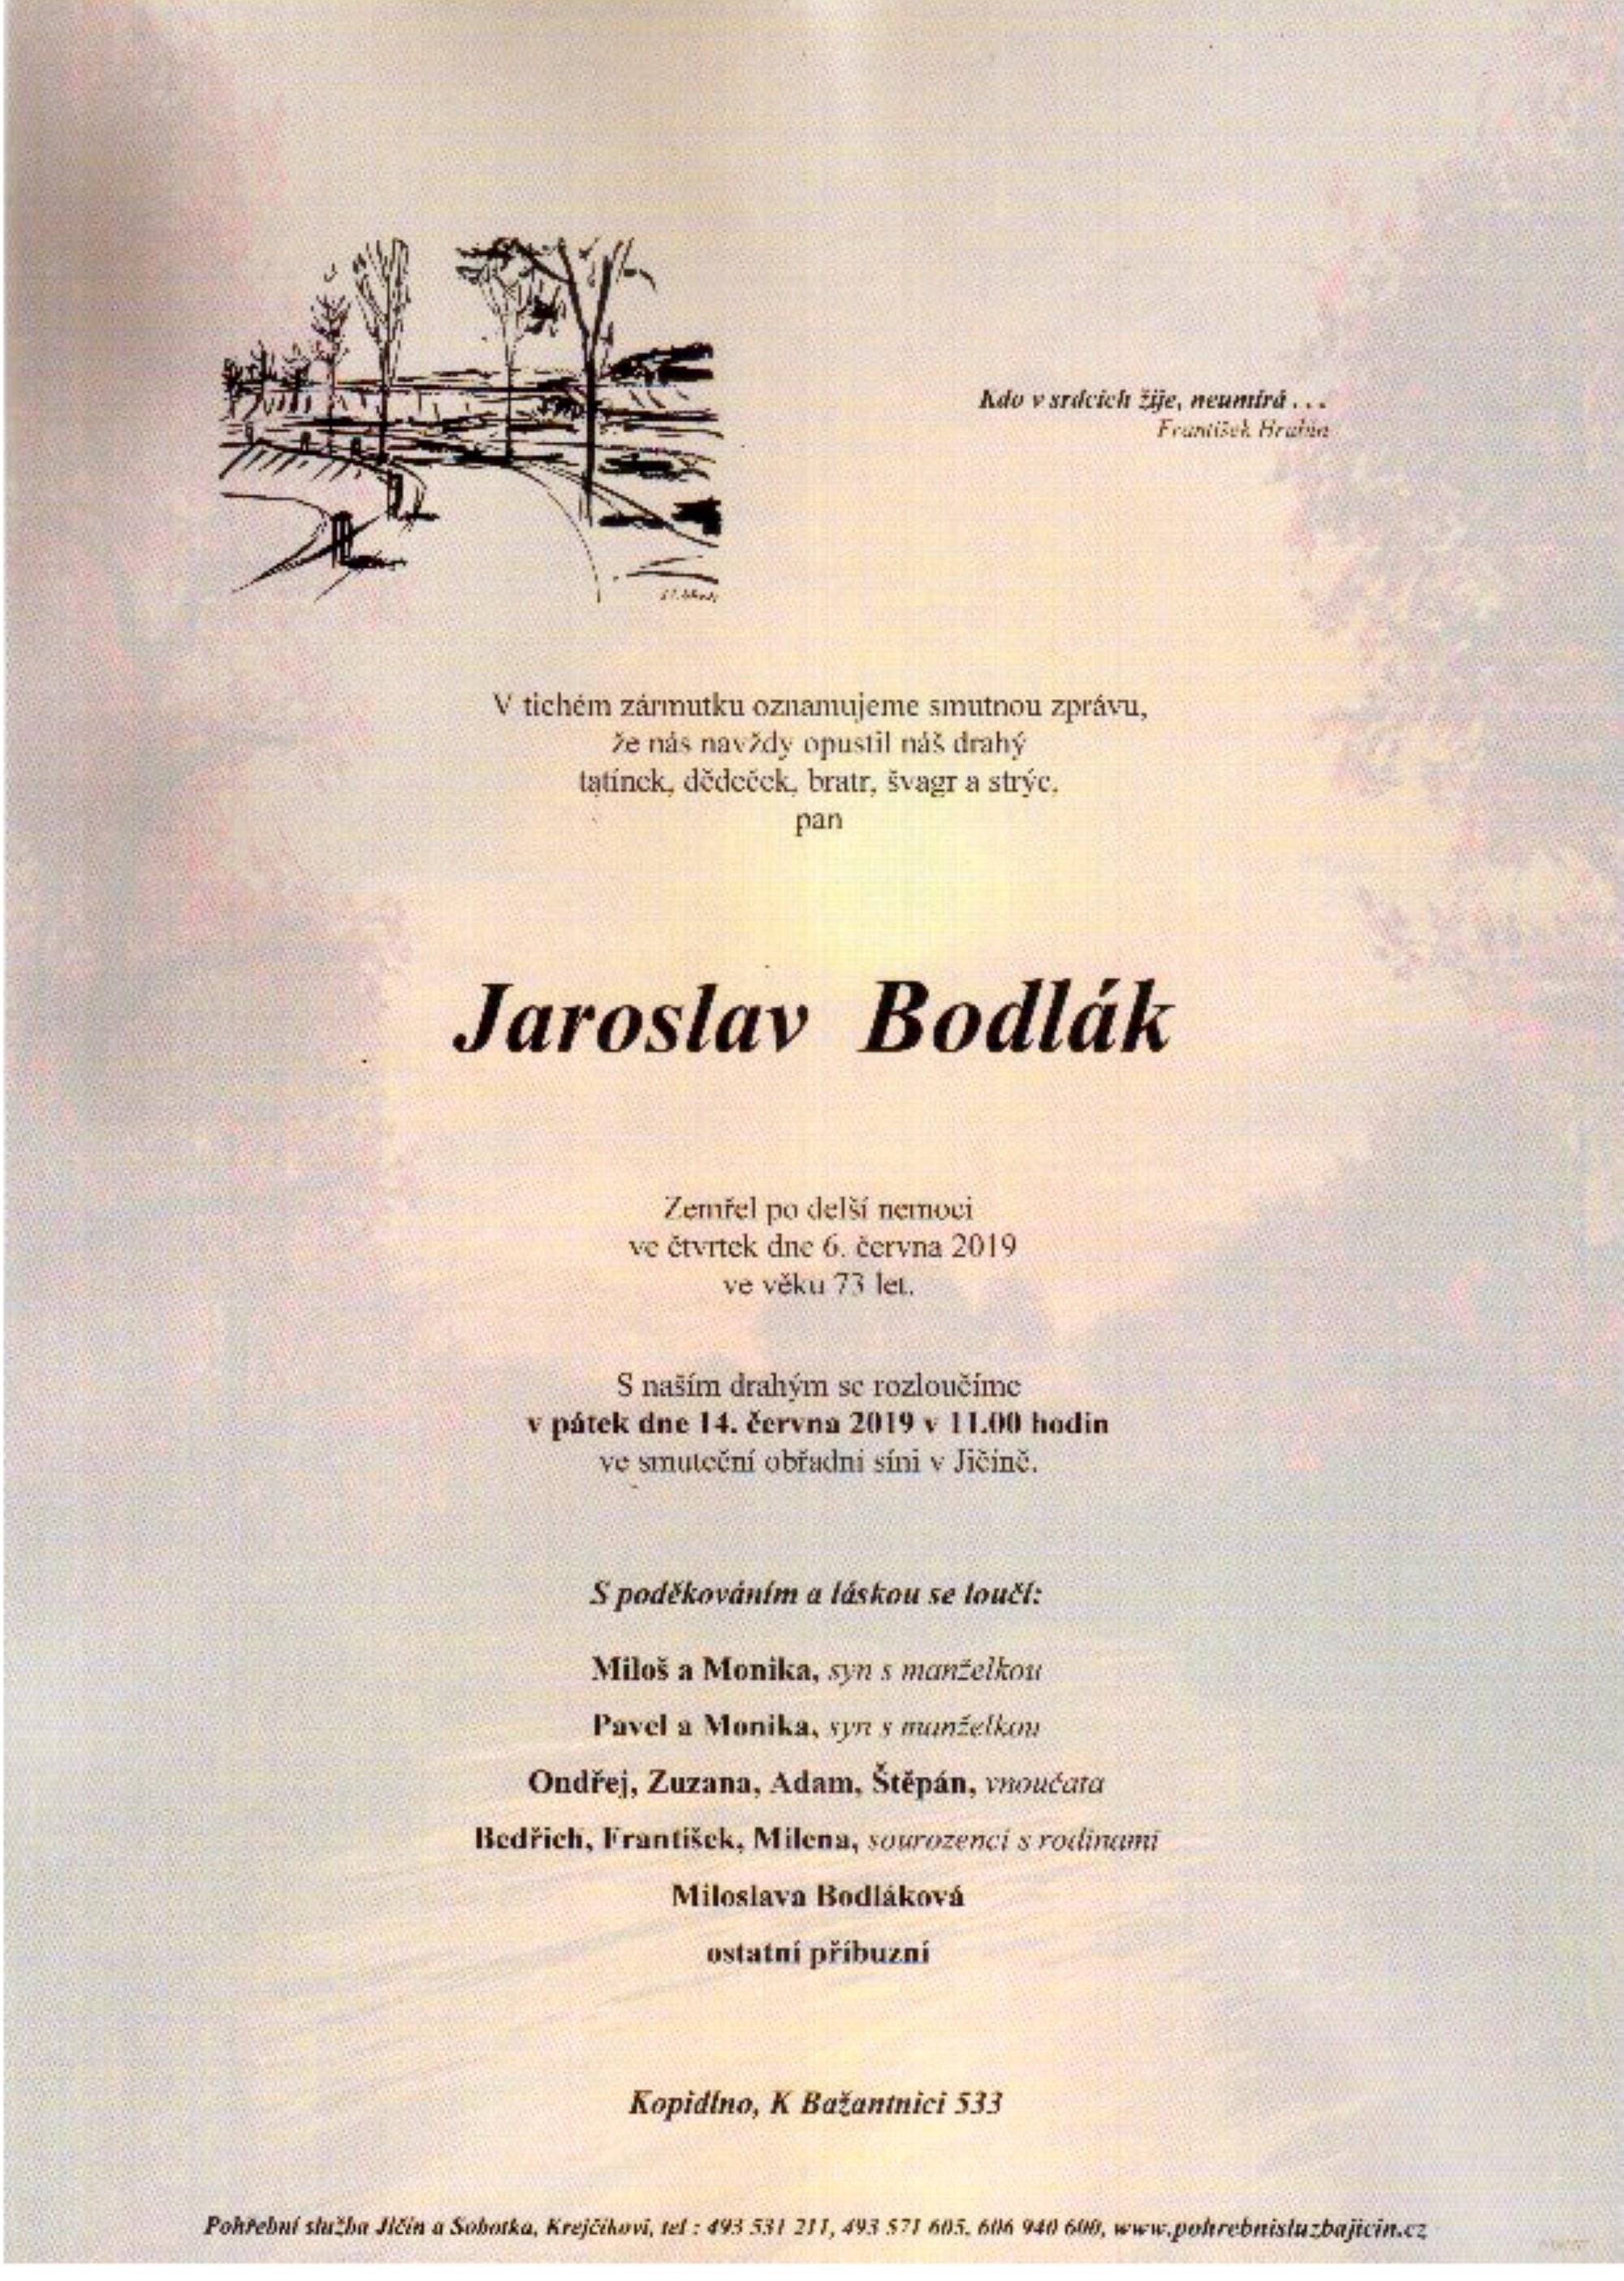 Jaroslav Bodlák